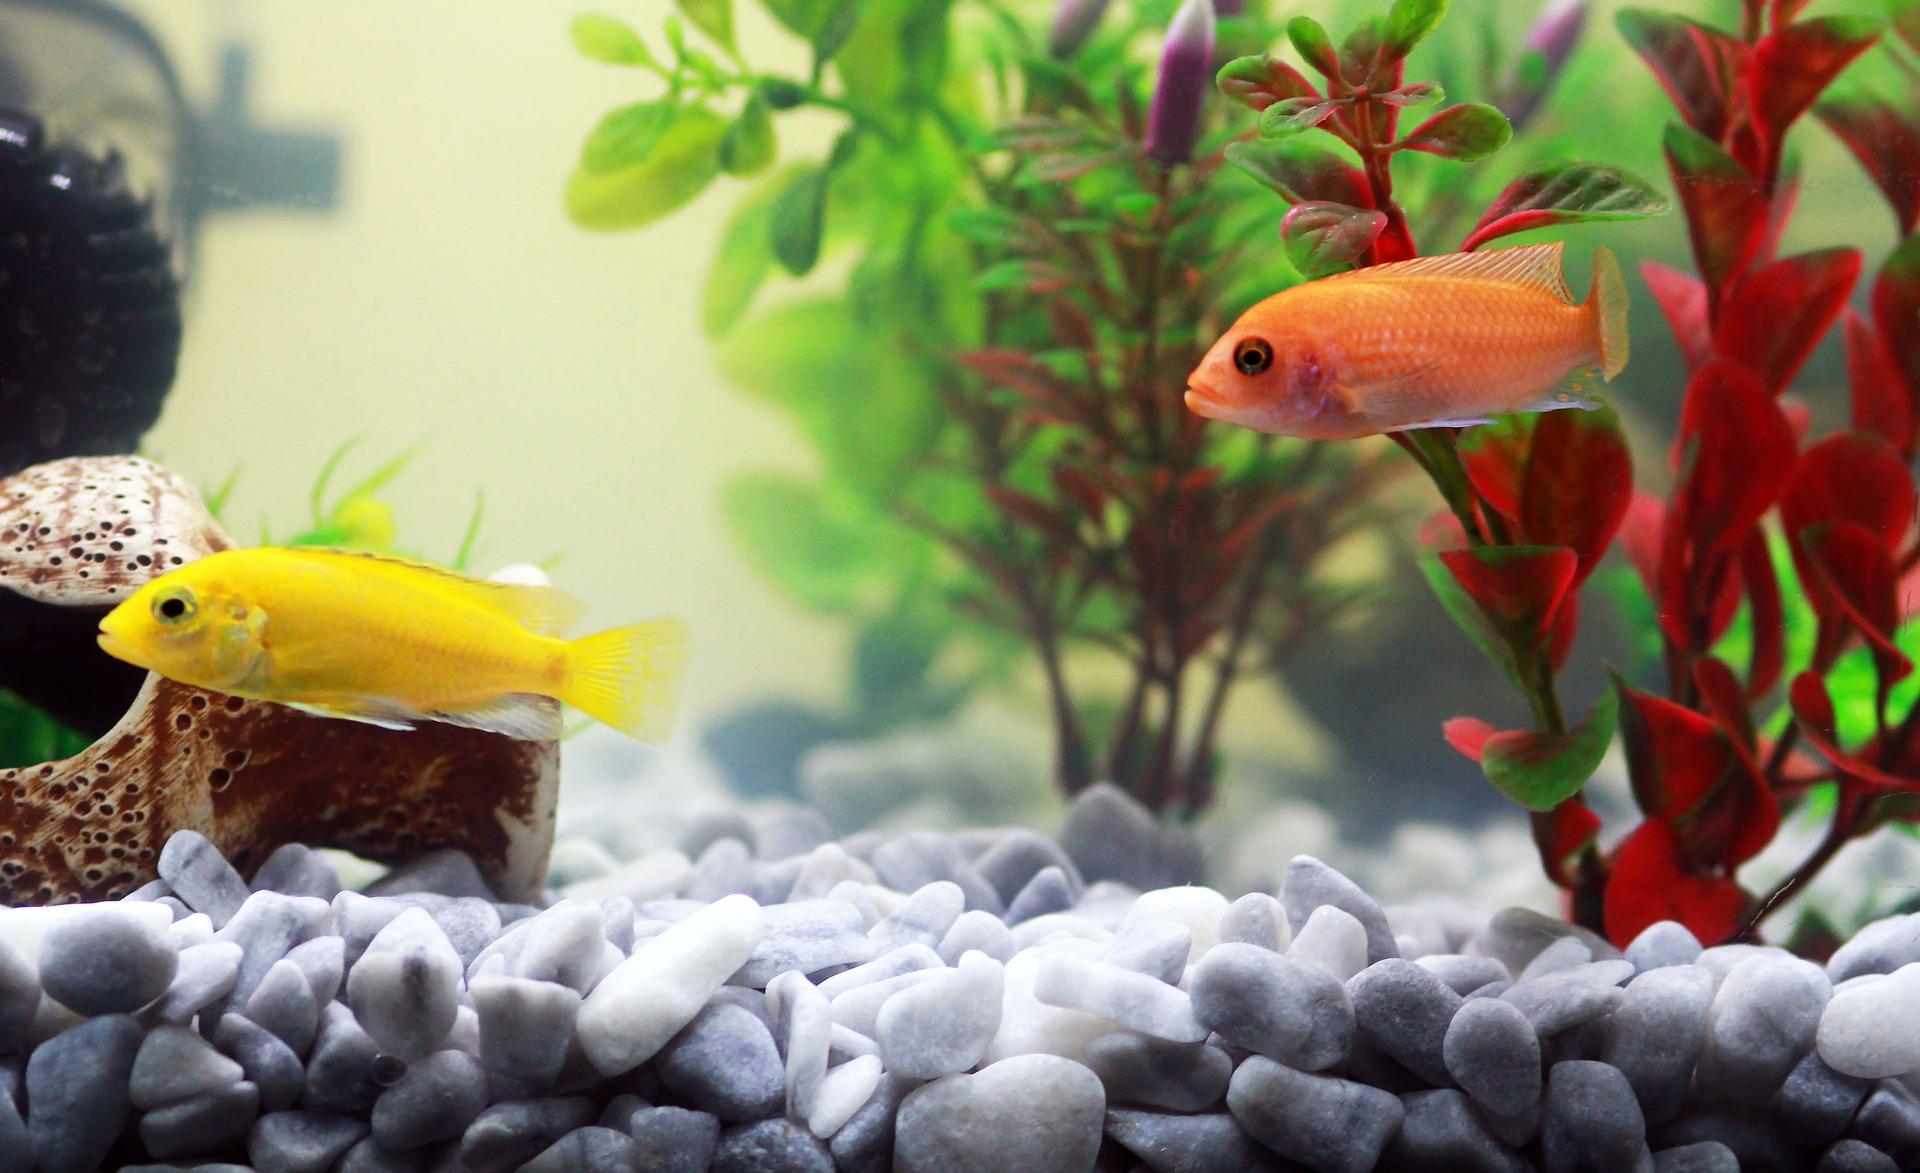 Imagem de dois peixes pequenos em aquário.